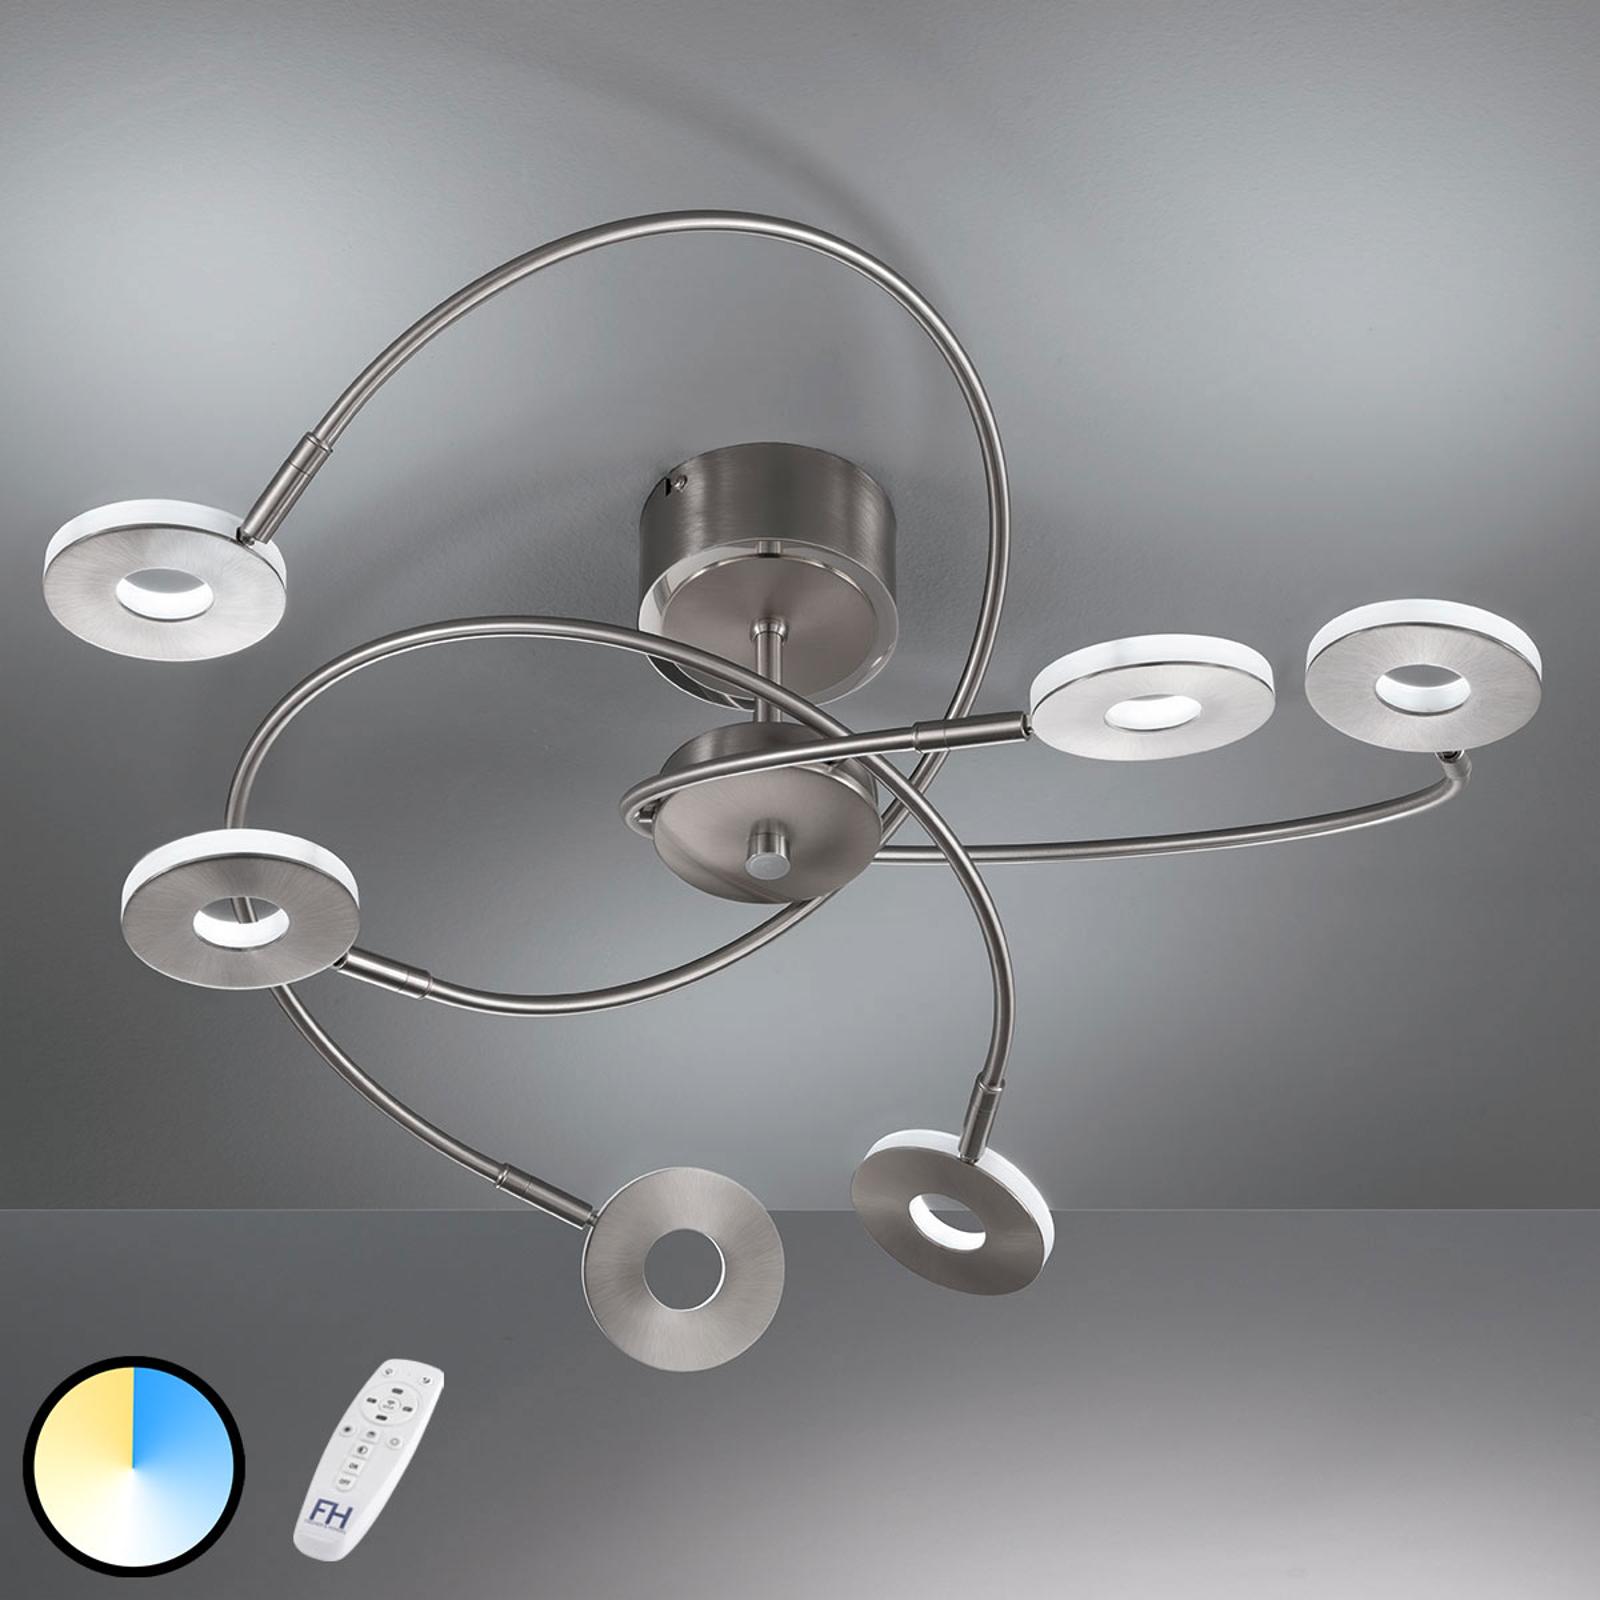 Lampa sufitowa Dent 6-punktowa z pilotem